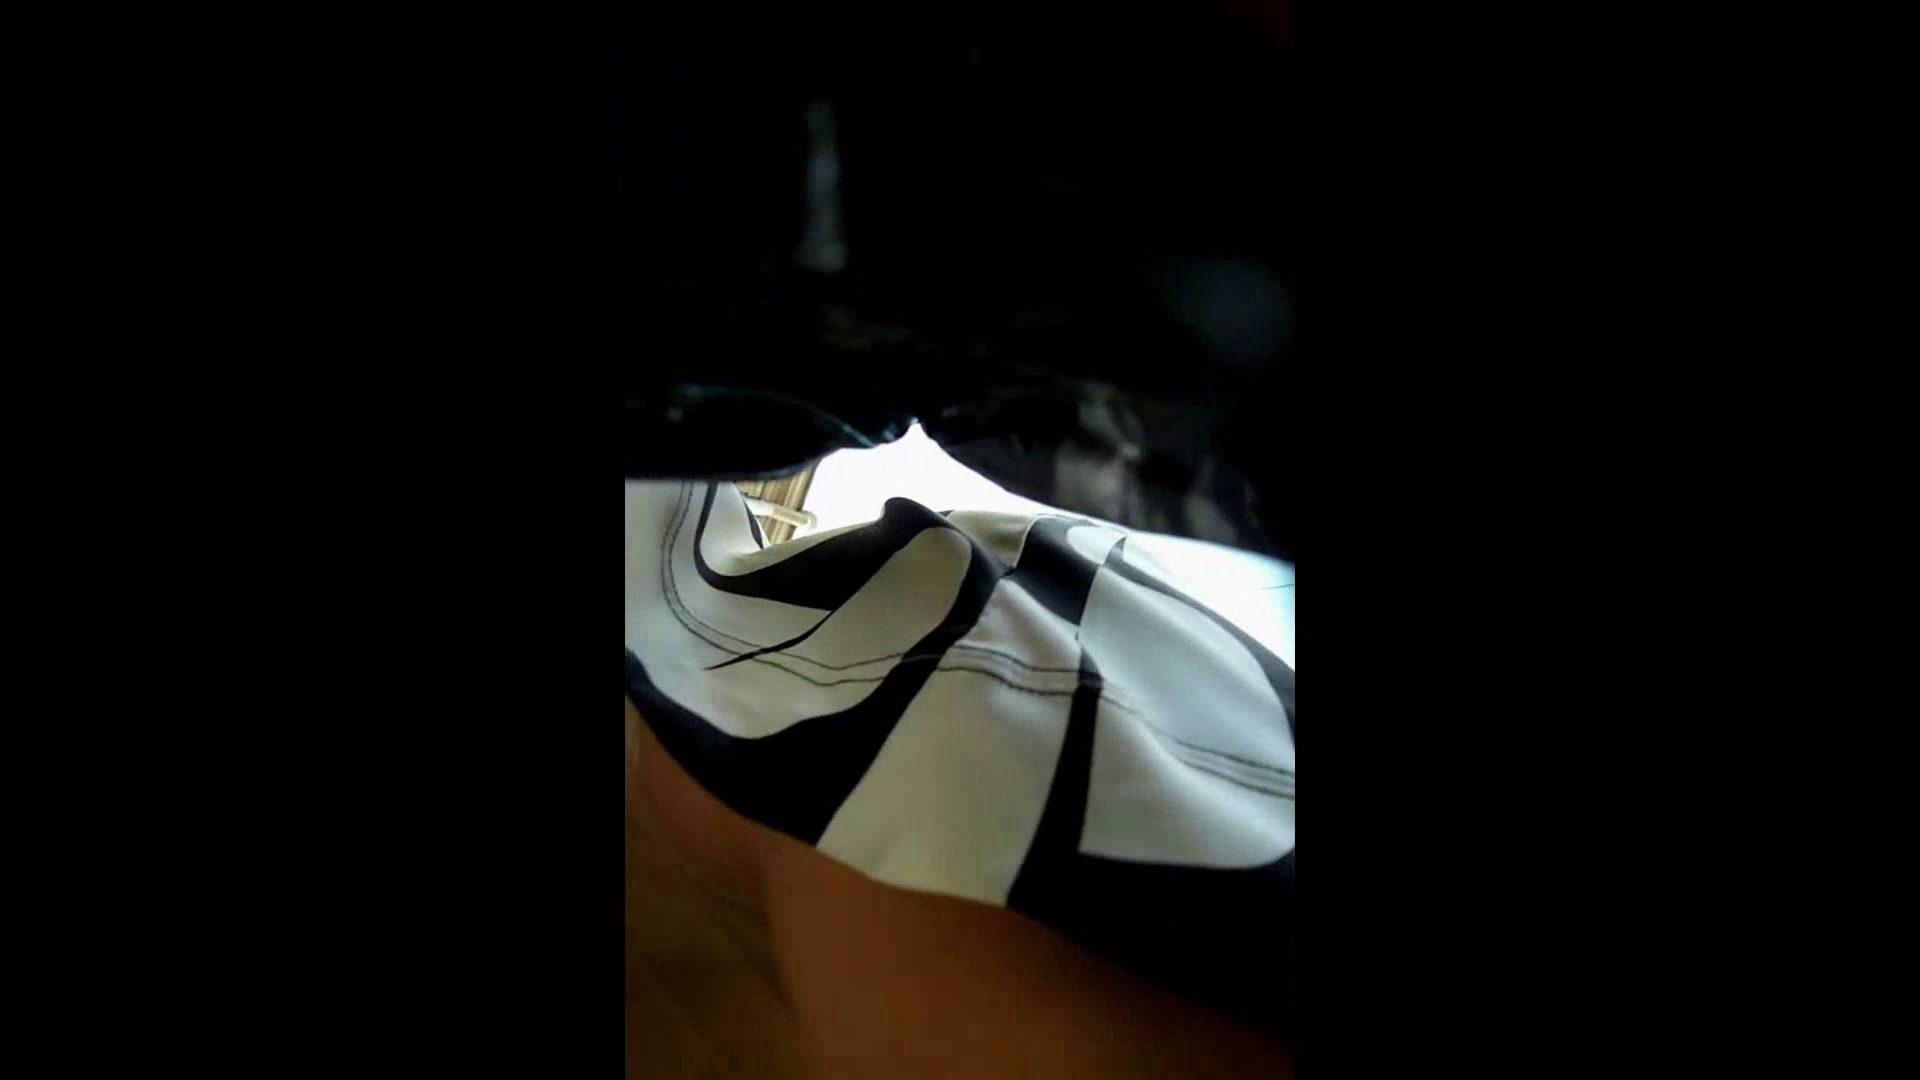 綺麗なモデルさんのスカート捲っちゃおう‼vol02 HなOL   モデルヌード  93pic 35